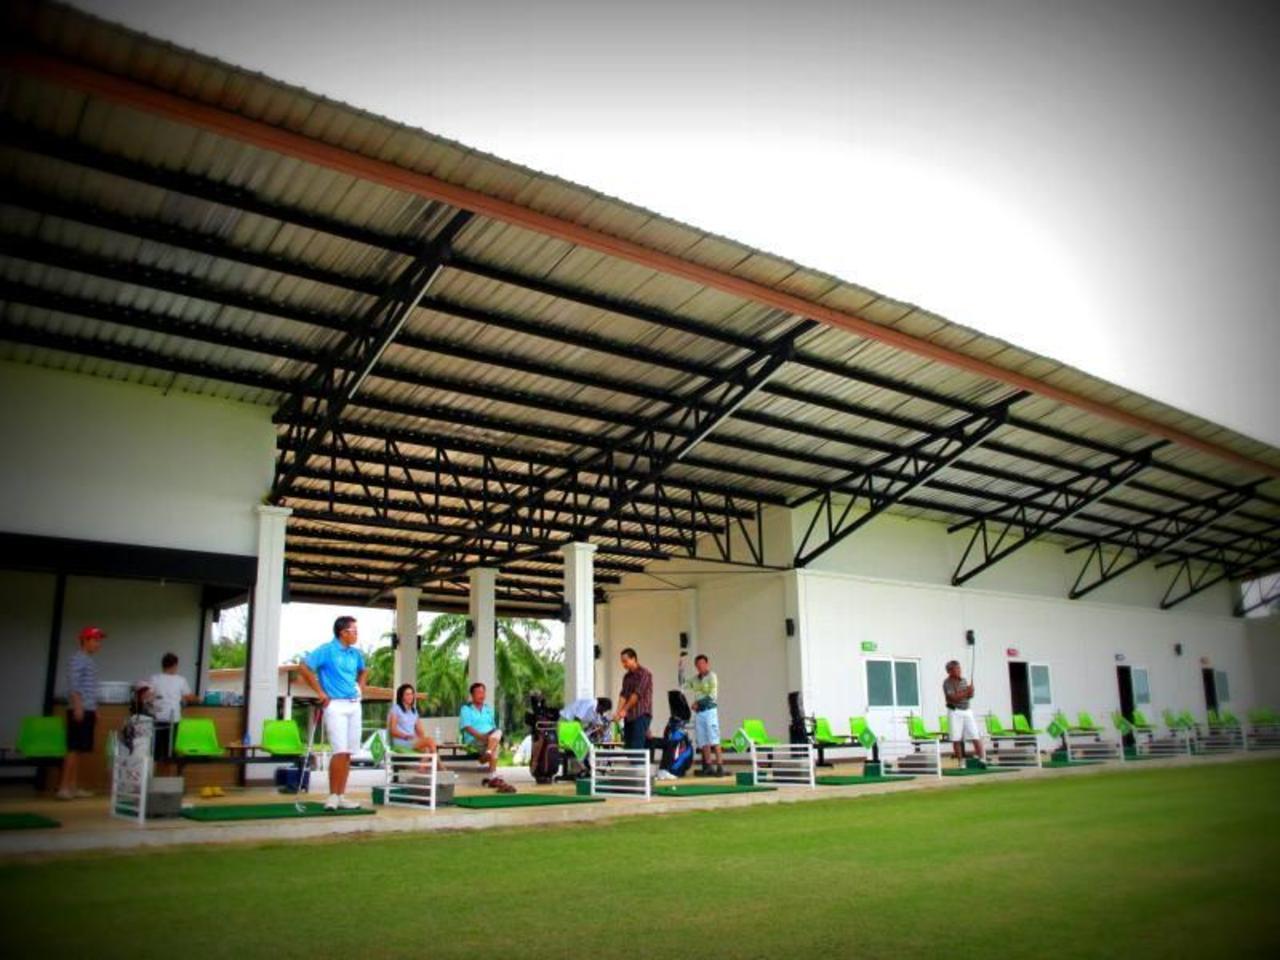 ปาล์มไดรฟ์วิ่ง เรนจ์ แอนด์ รีสอร์ท (Palm Driving Range & Resort)